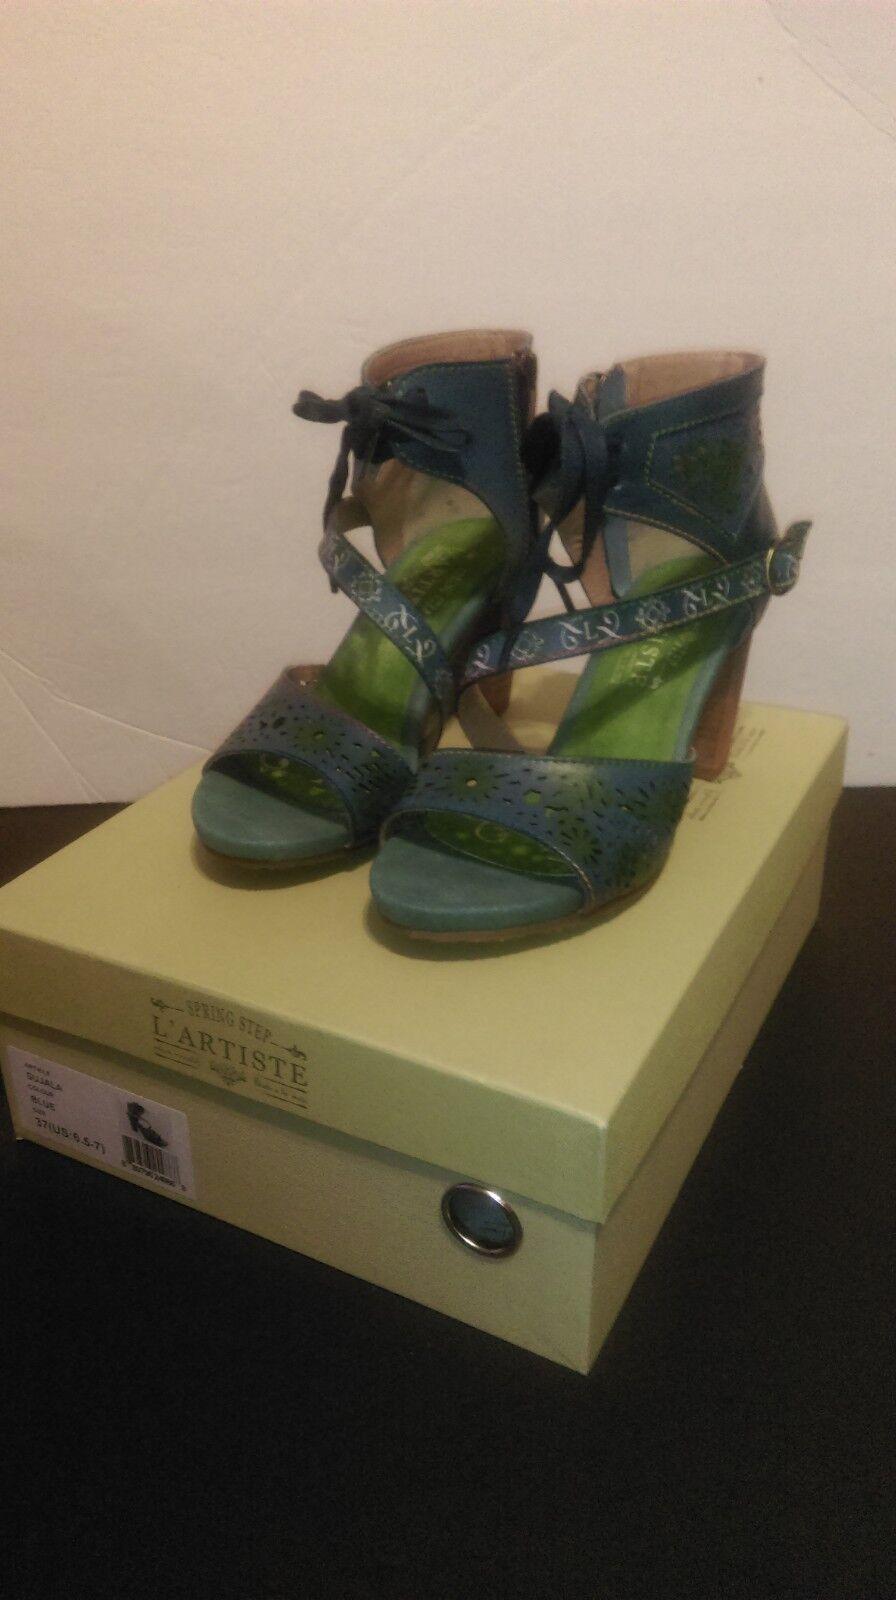 L 'artiste sujala Brazalete De Tobillo Sandalia De Cuero Cuero Cuero verde Azul 7  100% precio garantizado